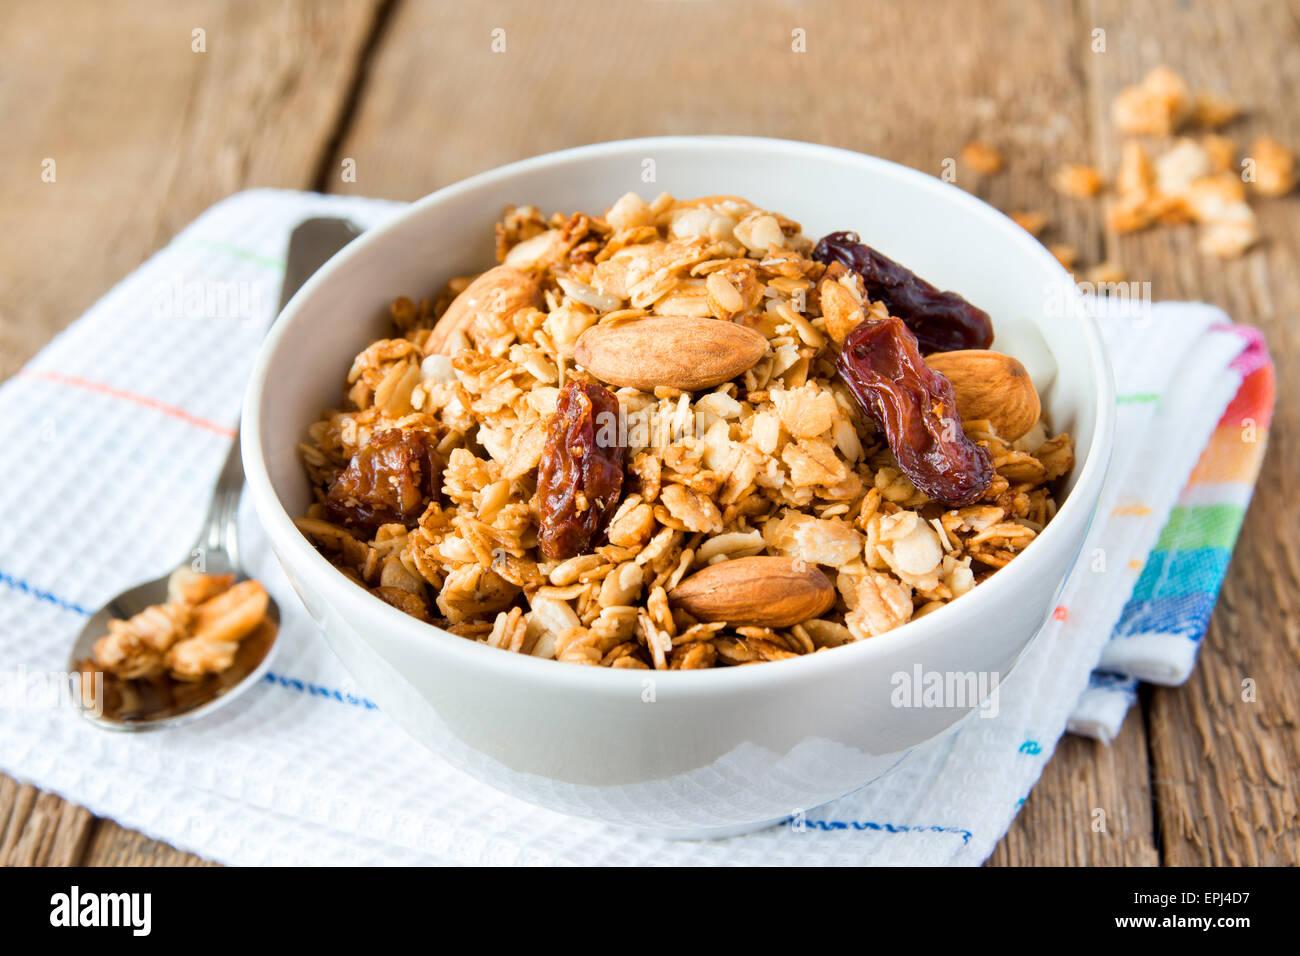 Vollkorn-Müsli zum Frühstück, mit vielen trockenen Früchten, Nüssen und Körnern hautnah, Stockbild